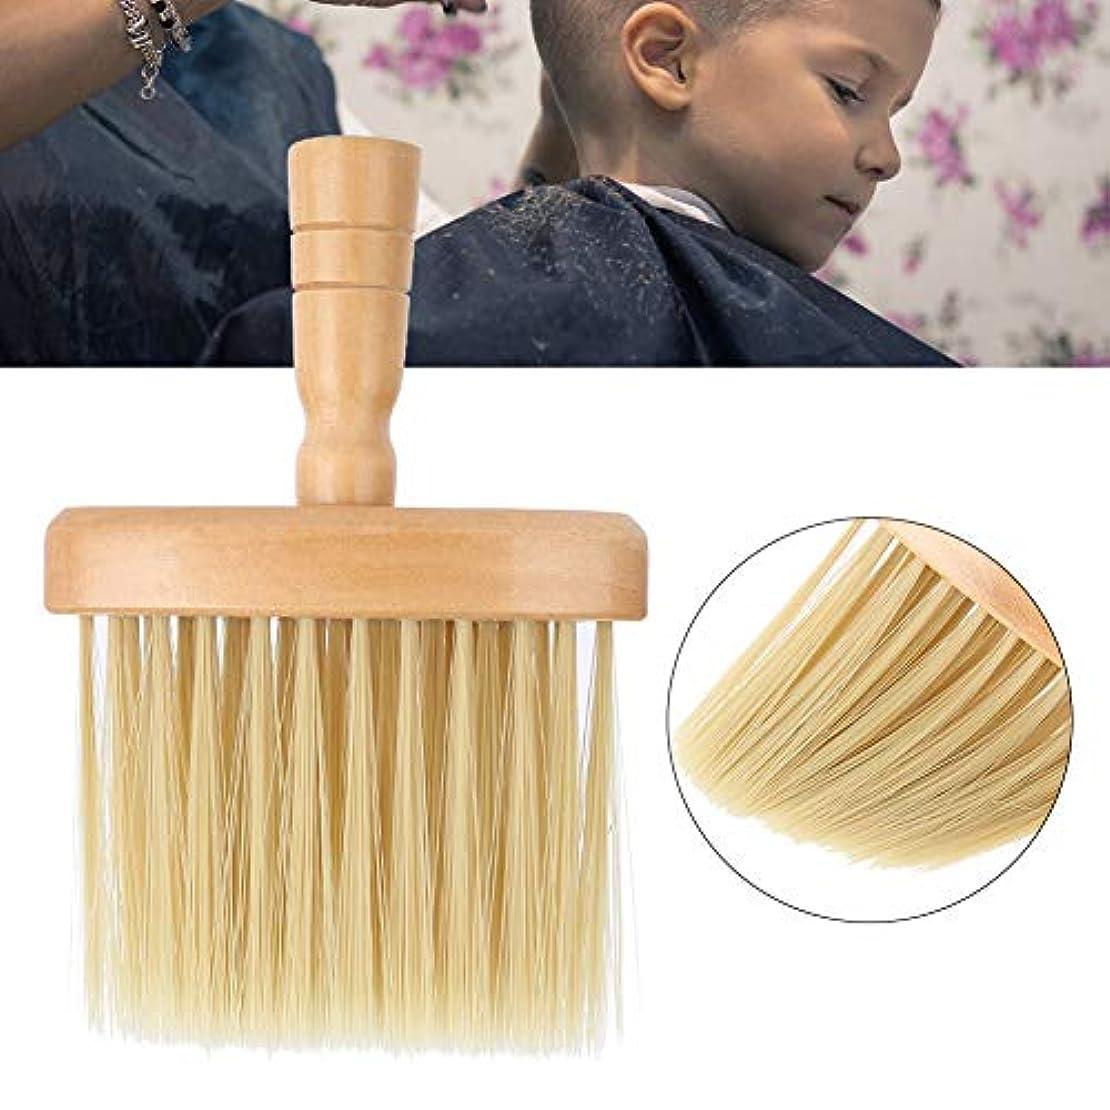 記事ゲージペフネックフェイスダスターブラシ サロンヘアクリーニング 木製 スイープブラシヘアカット 理髪ツール